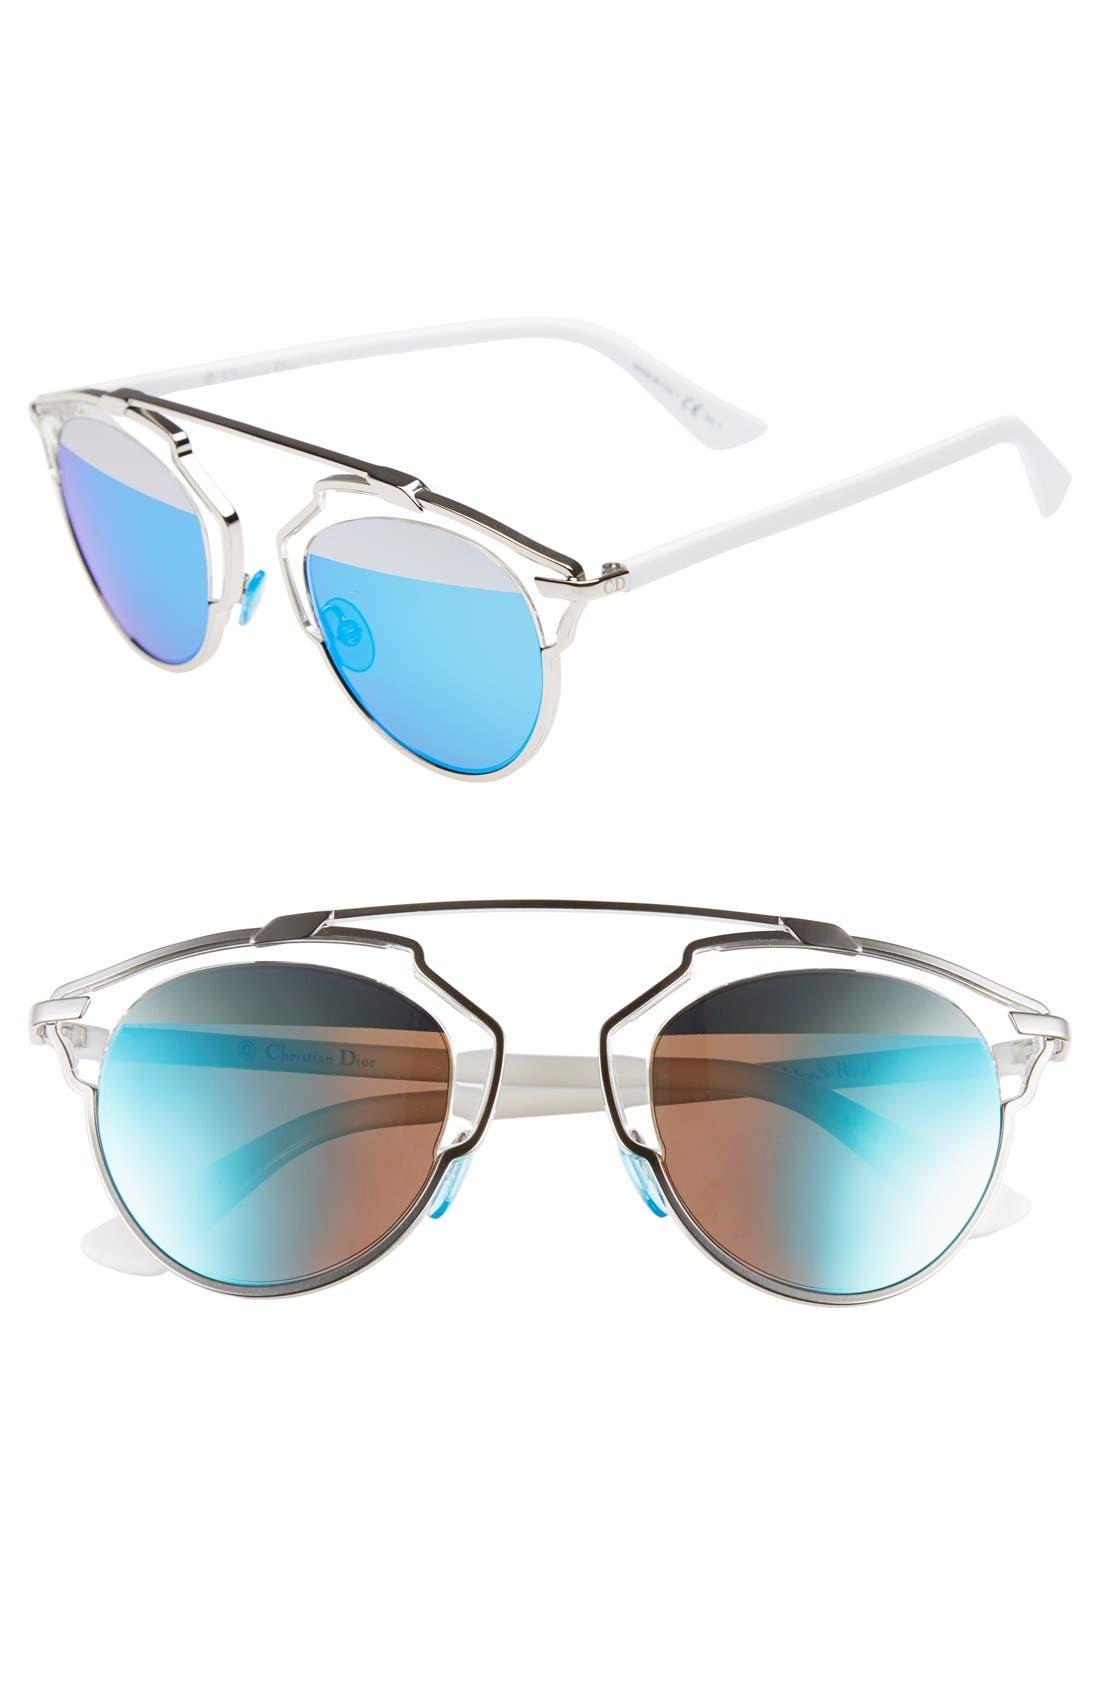 So Real 48mm Brow Bar Sunglasses,                             Main thumbnail 13, color,